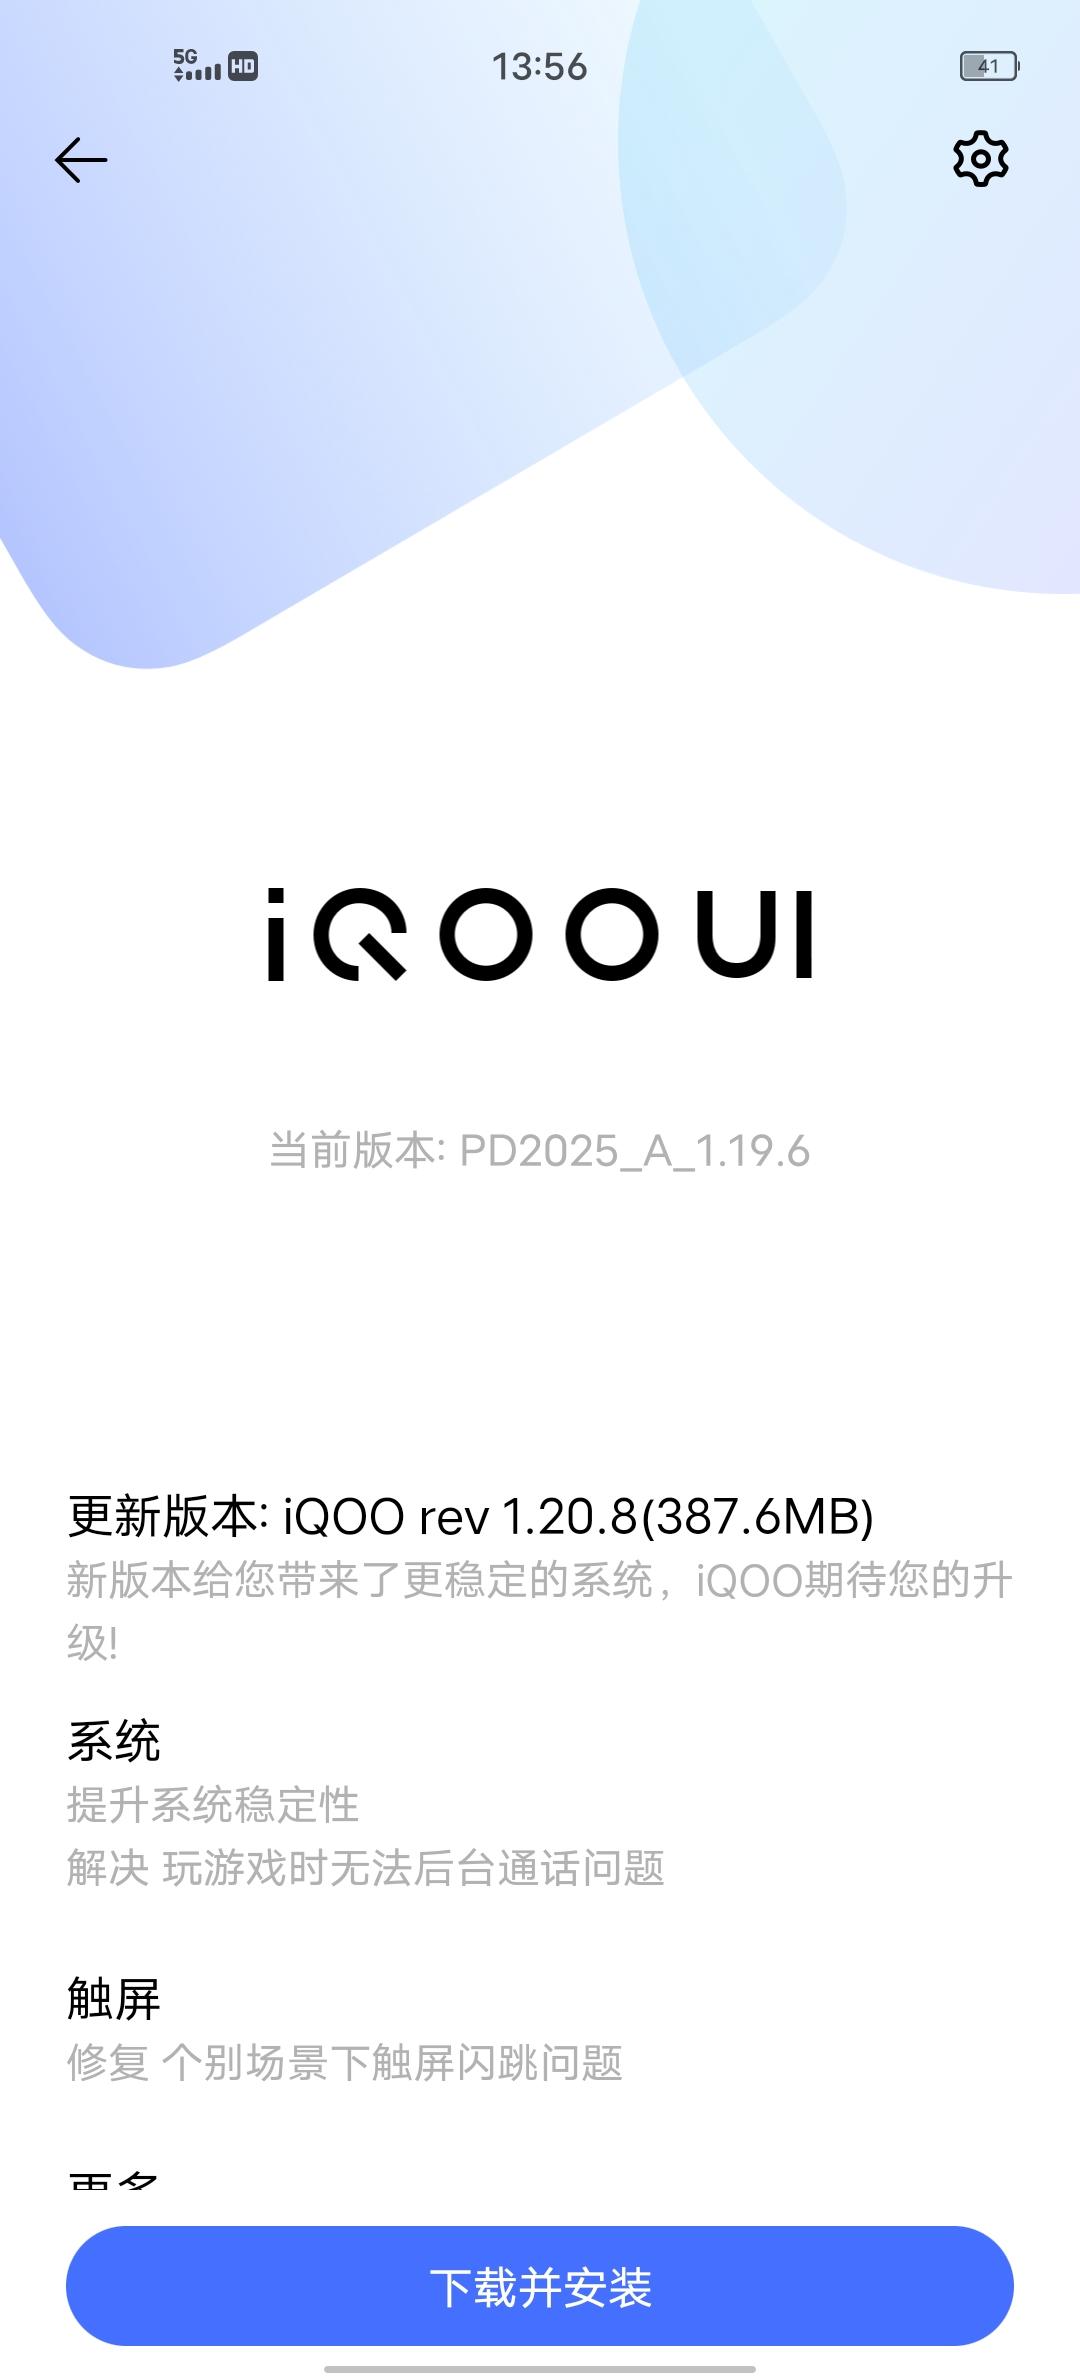 Screenshot_20201030_135613.jpg